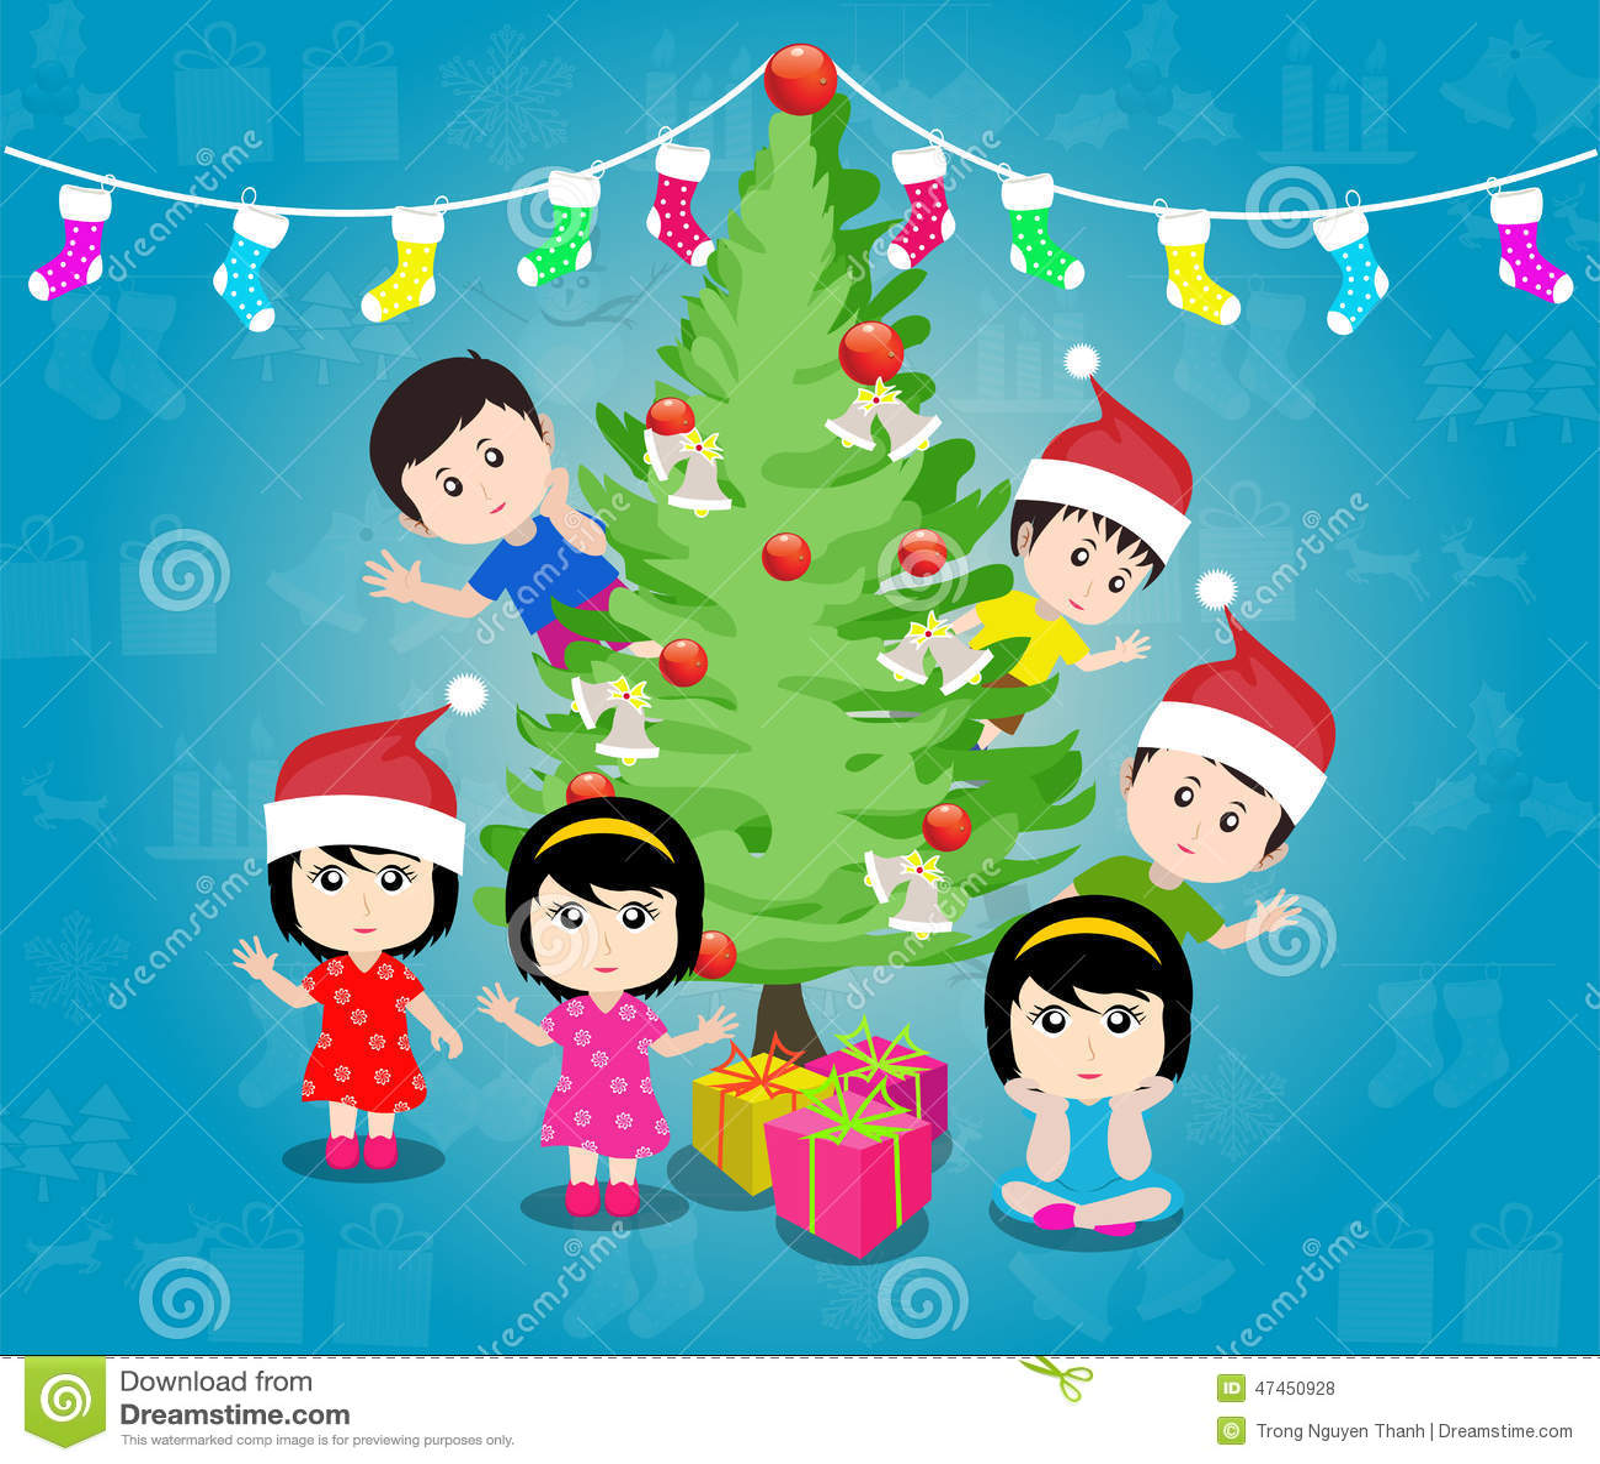 Buon Natale Per Bambini.Buon Natale Con Il Vettore Felice Dei Bambini Illustrazione